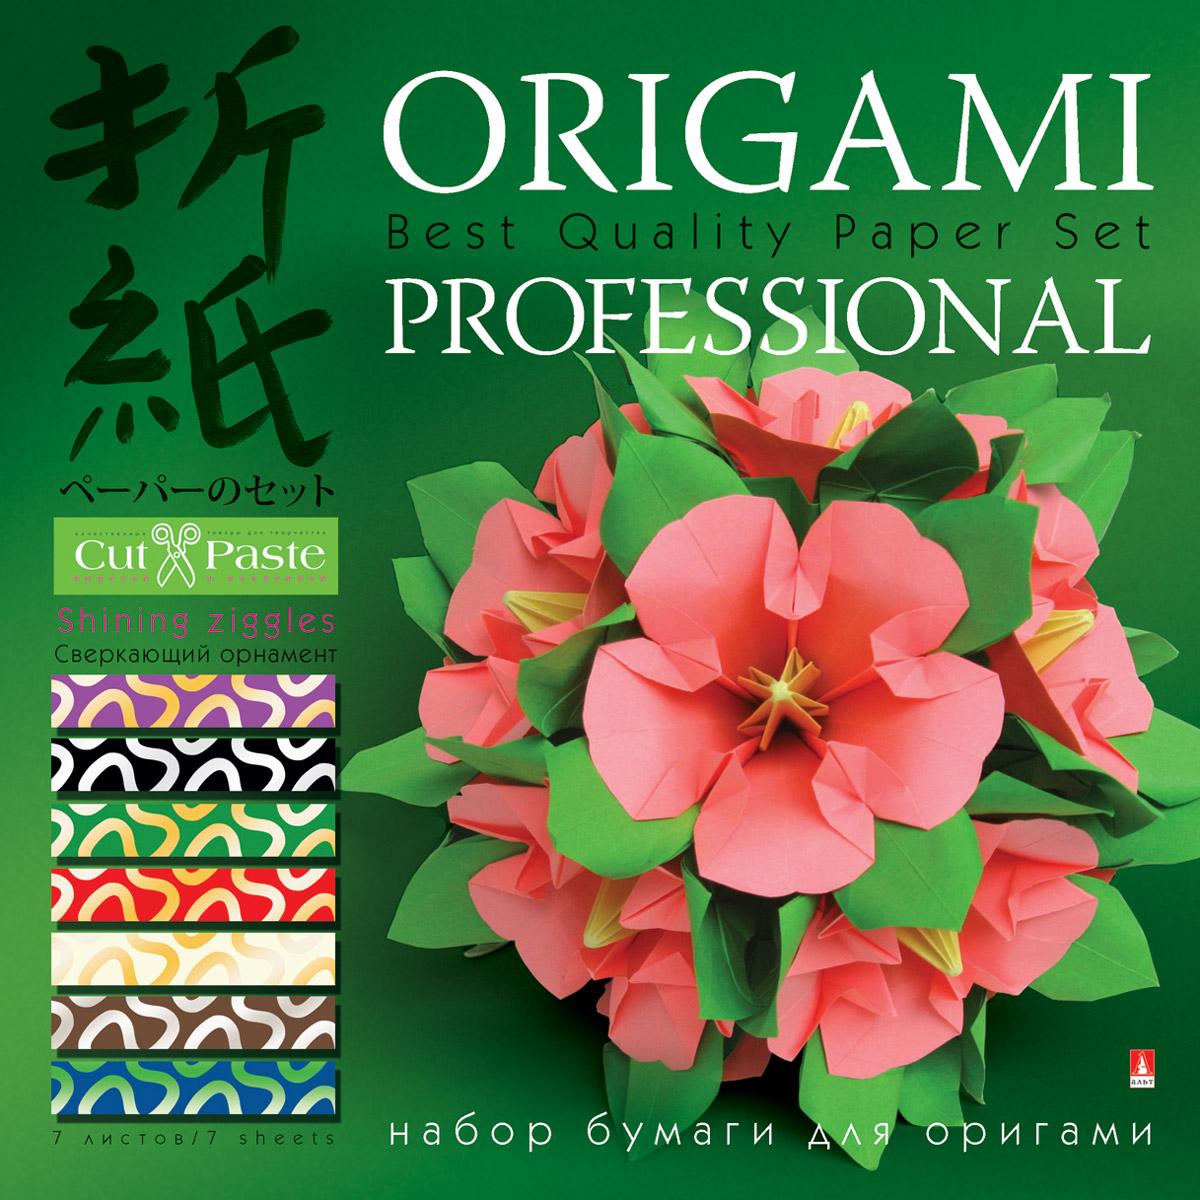 Альт Набор для оригами Сверкающий орнамент 7 листов 20 х 20 см